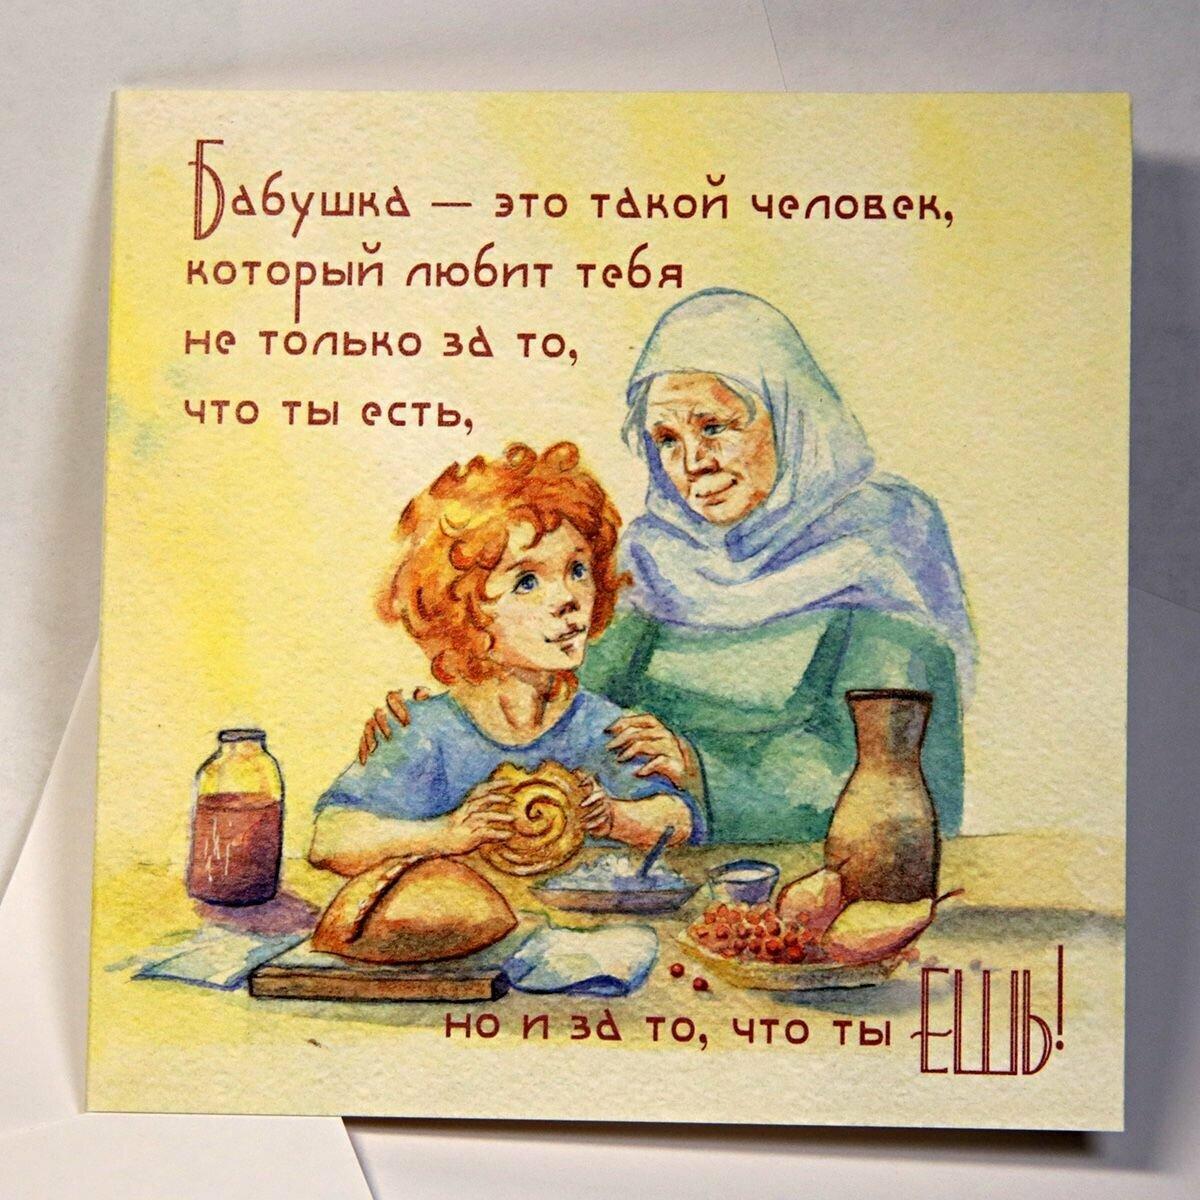 Фон, пожелания на открытке бабушке